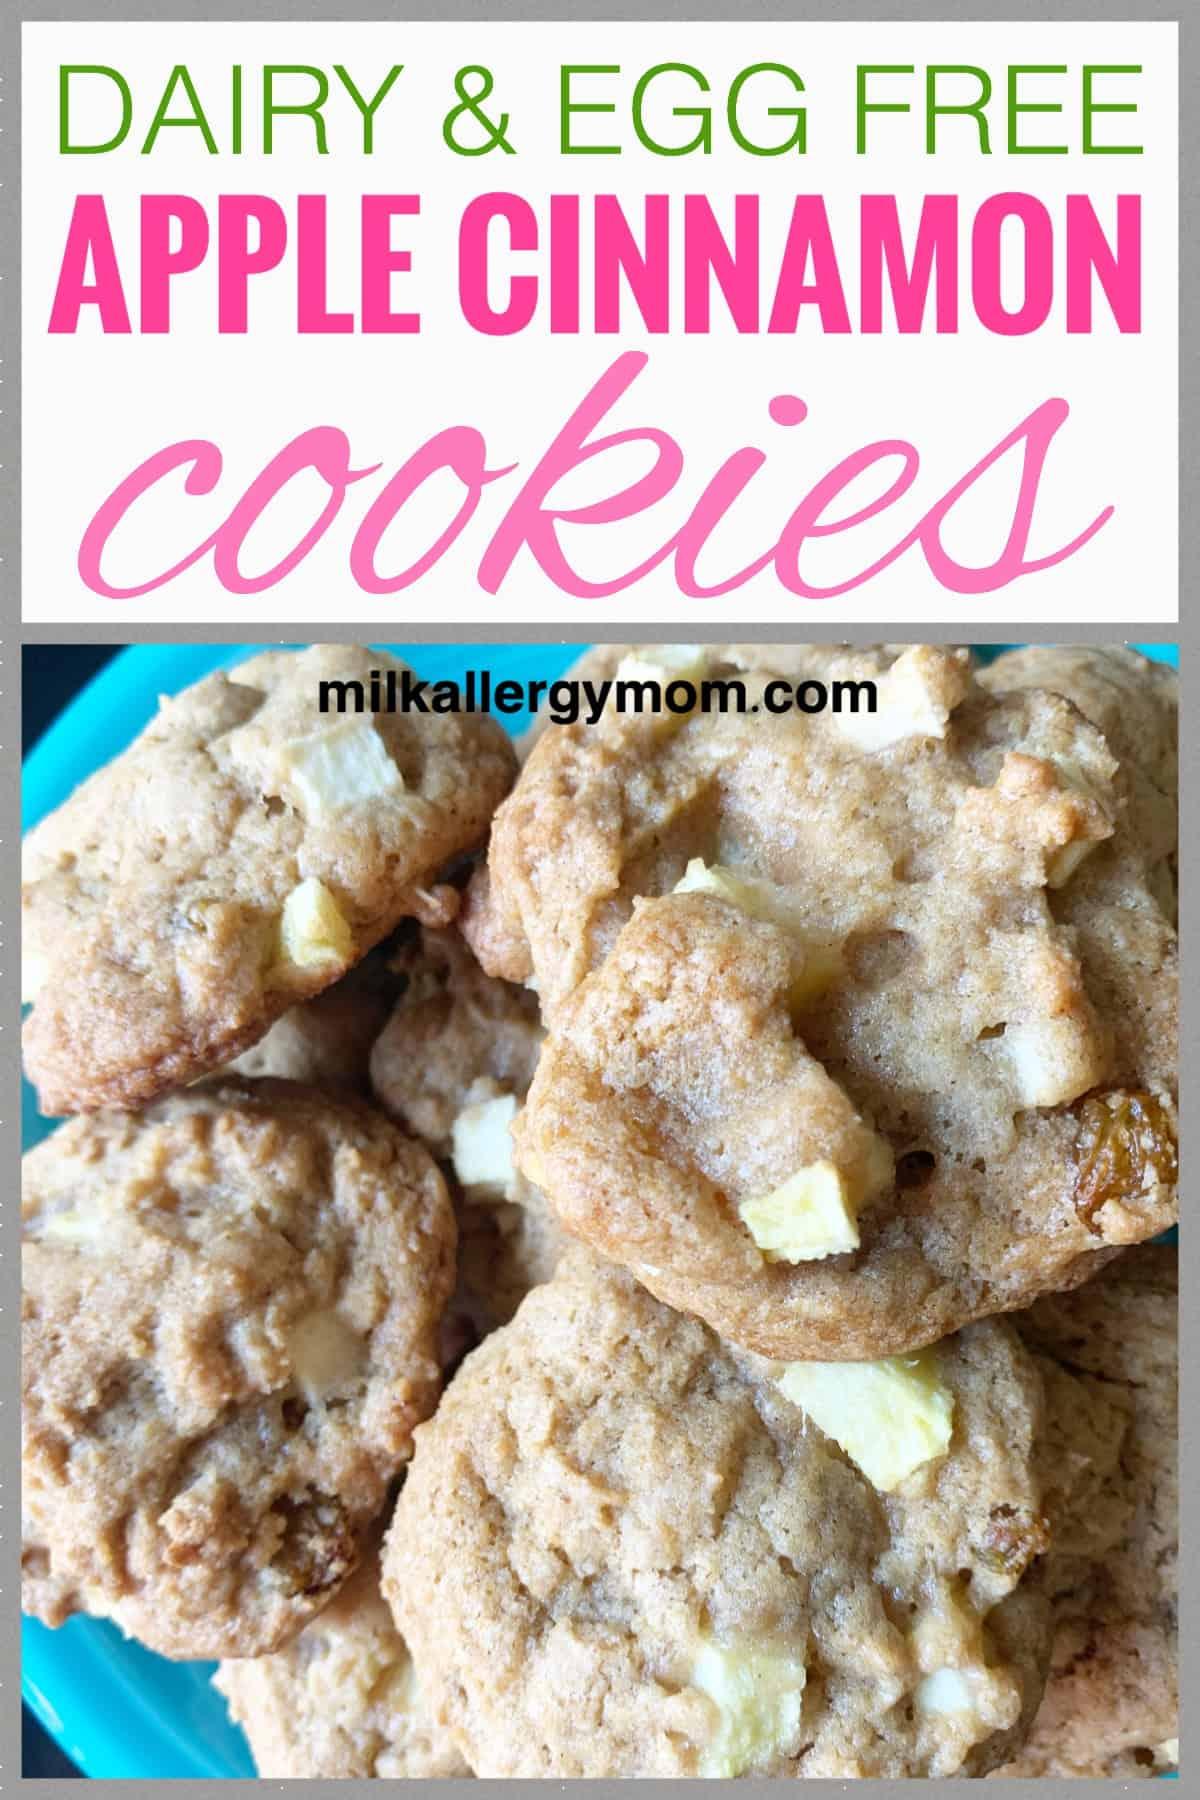 Apple Cinnamon Cookies Dairy & Egg Free